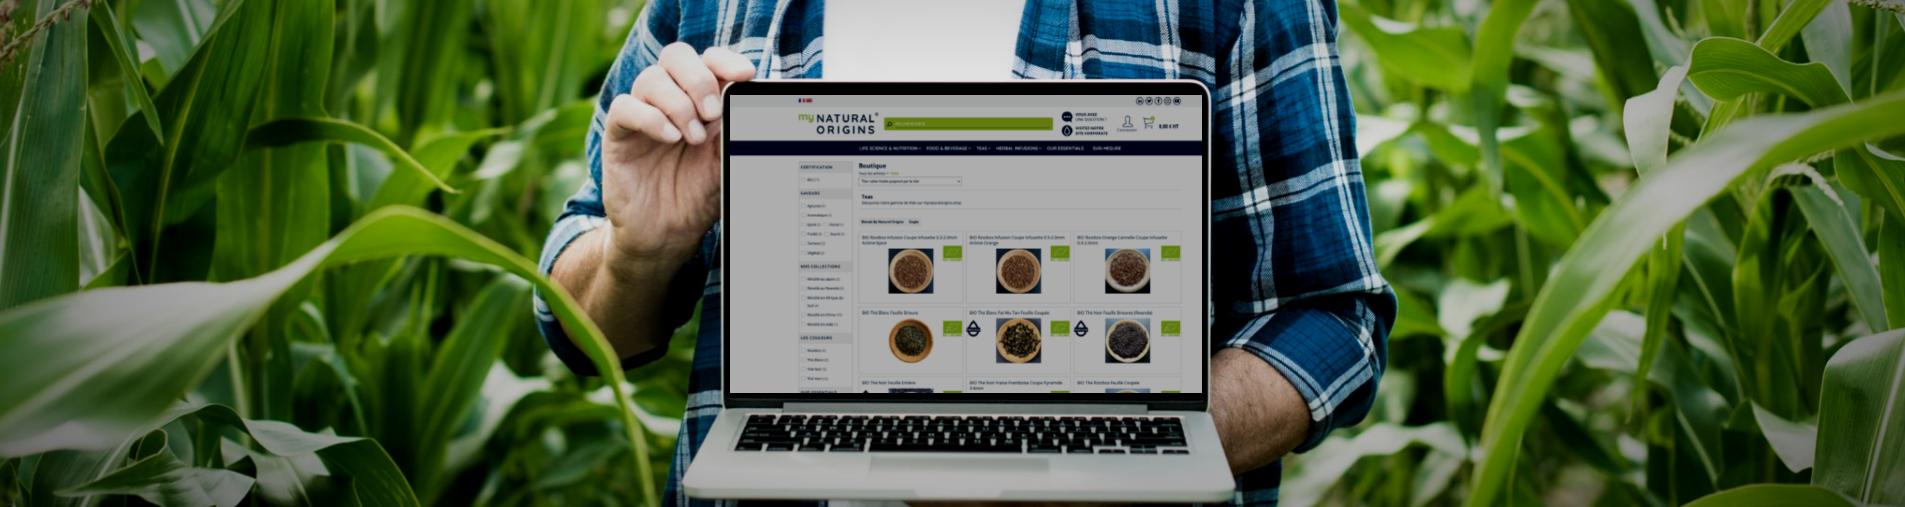 Découvrez la nouvelle segmentation de la gamme Herbal and Teas sur la e-platform mynaturalorigins.shop